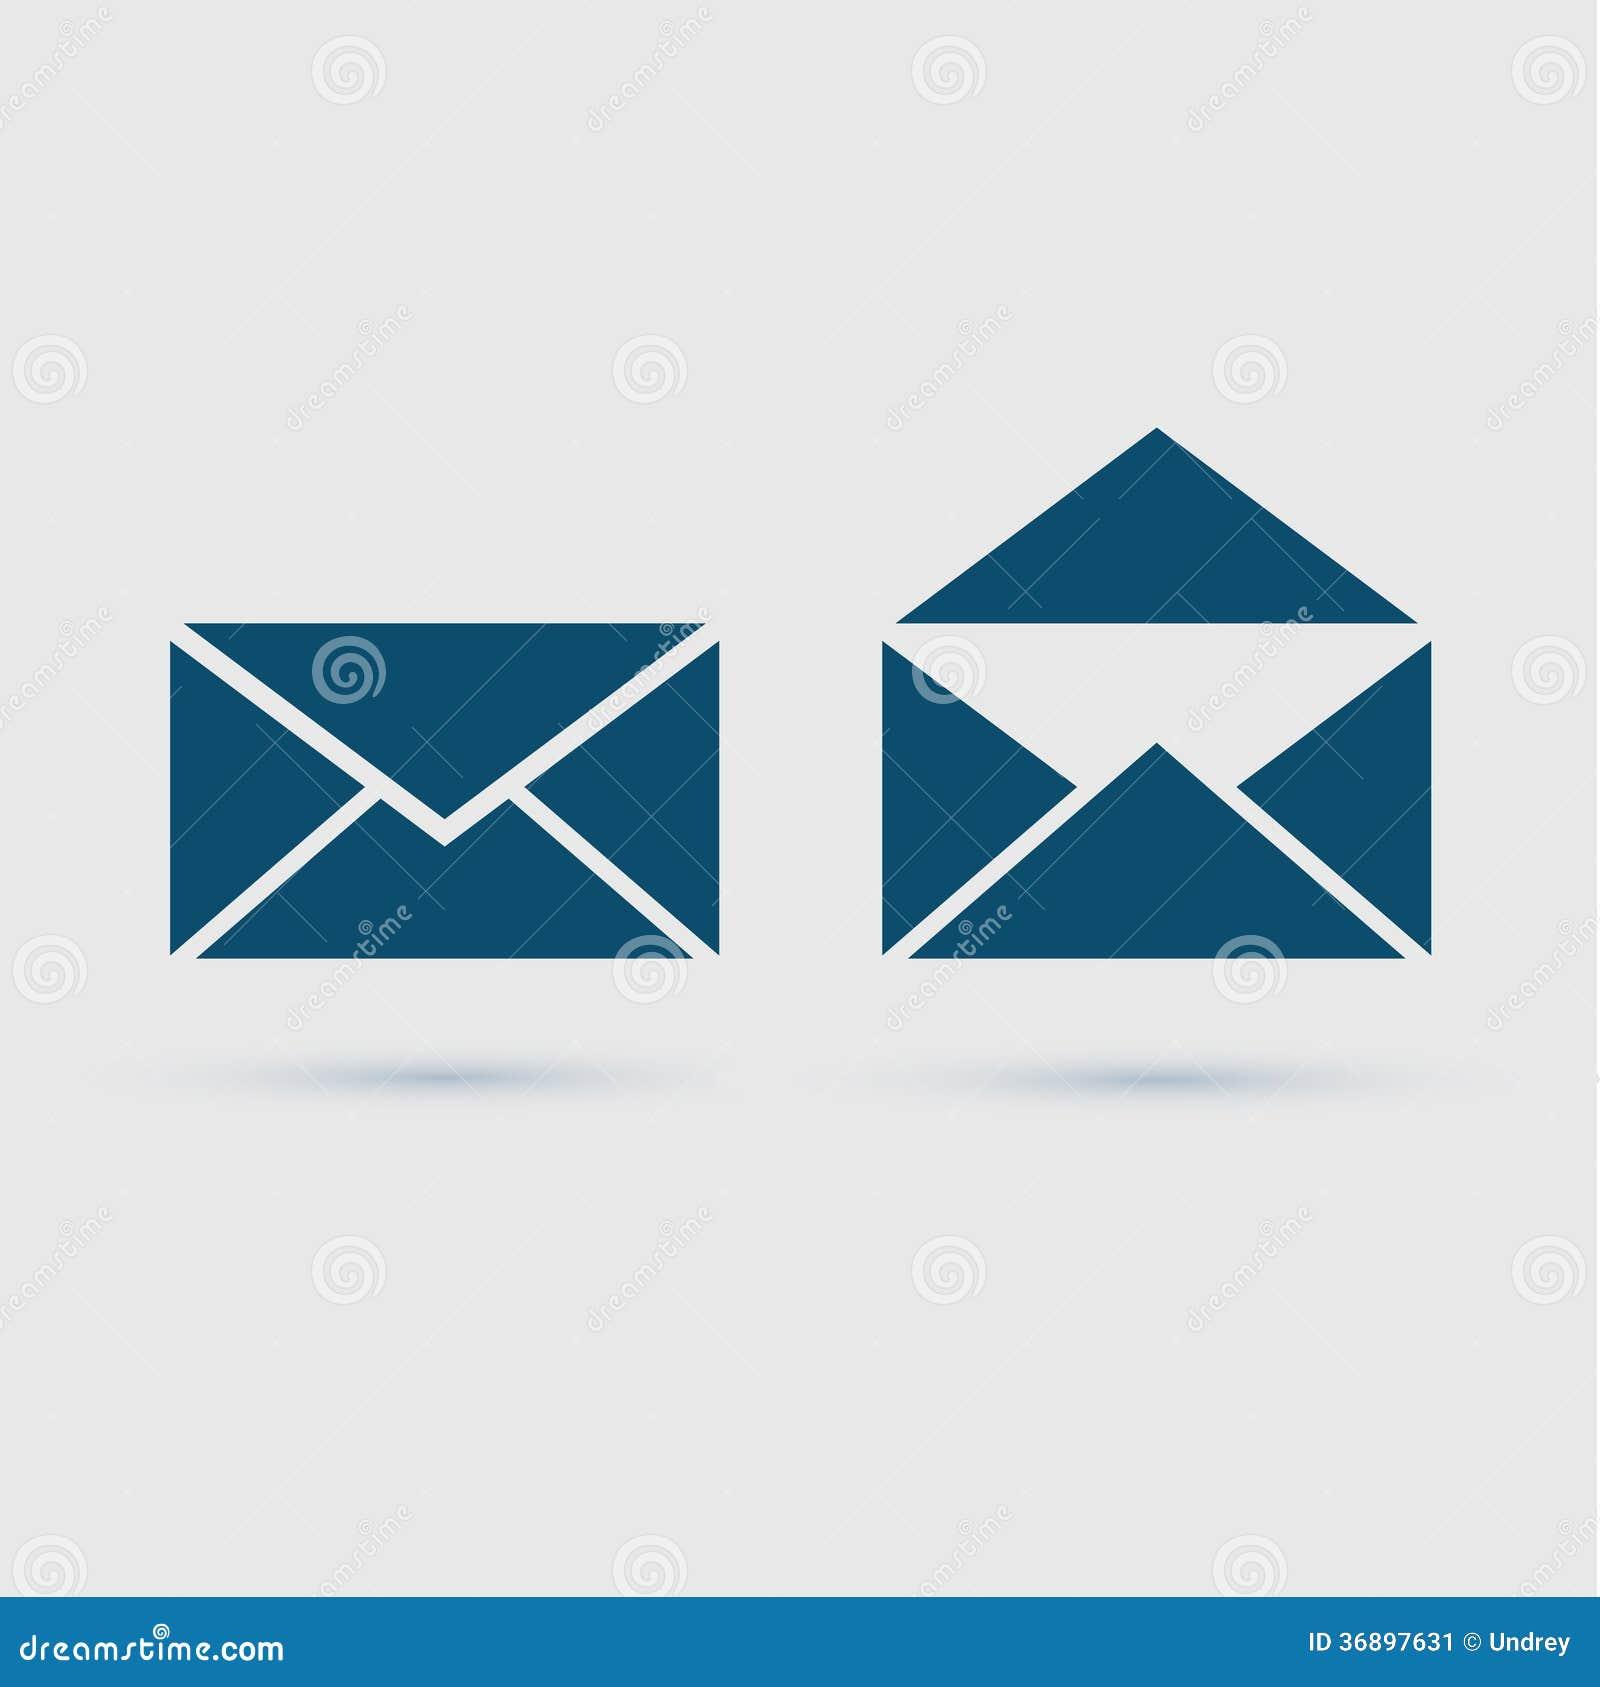 Φάκελος εικονιδίων ηλεκτρονικού ταχυδρομείου, διανυσματική απεικόνιση